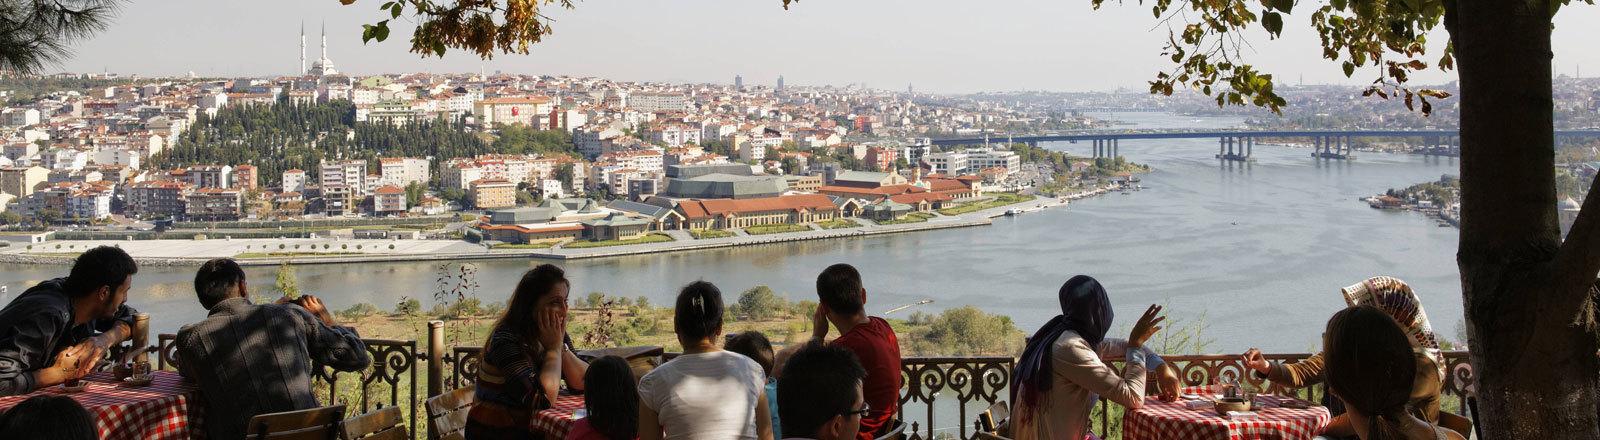 Menschen in einem Istanbuler Café in einem Park auf einer Anhöhe mit Blick auf den Bosporus.